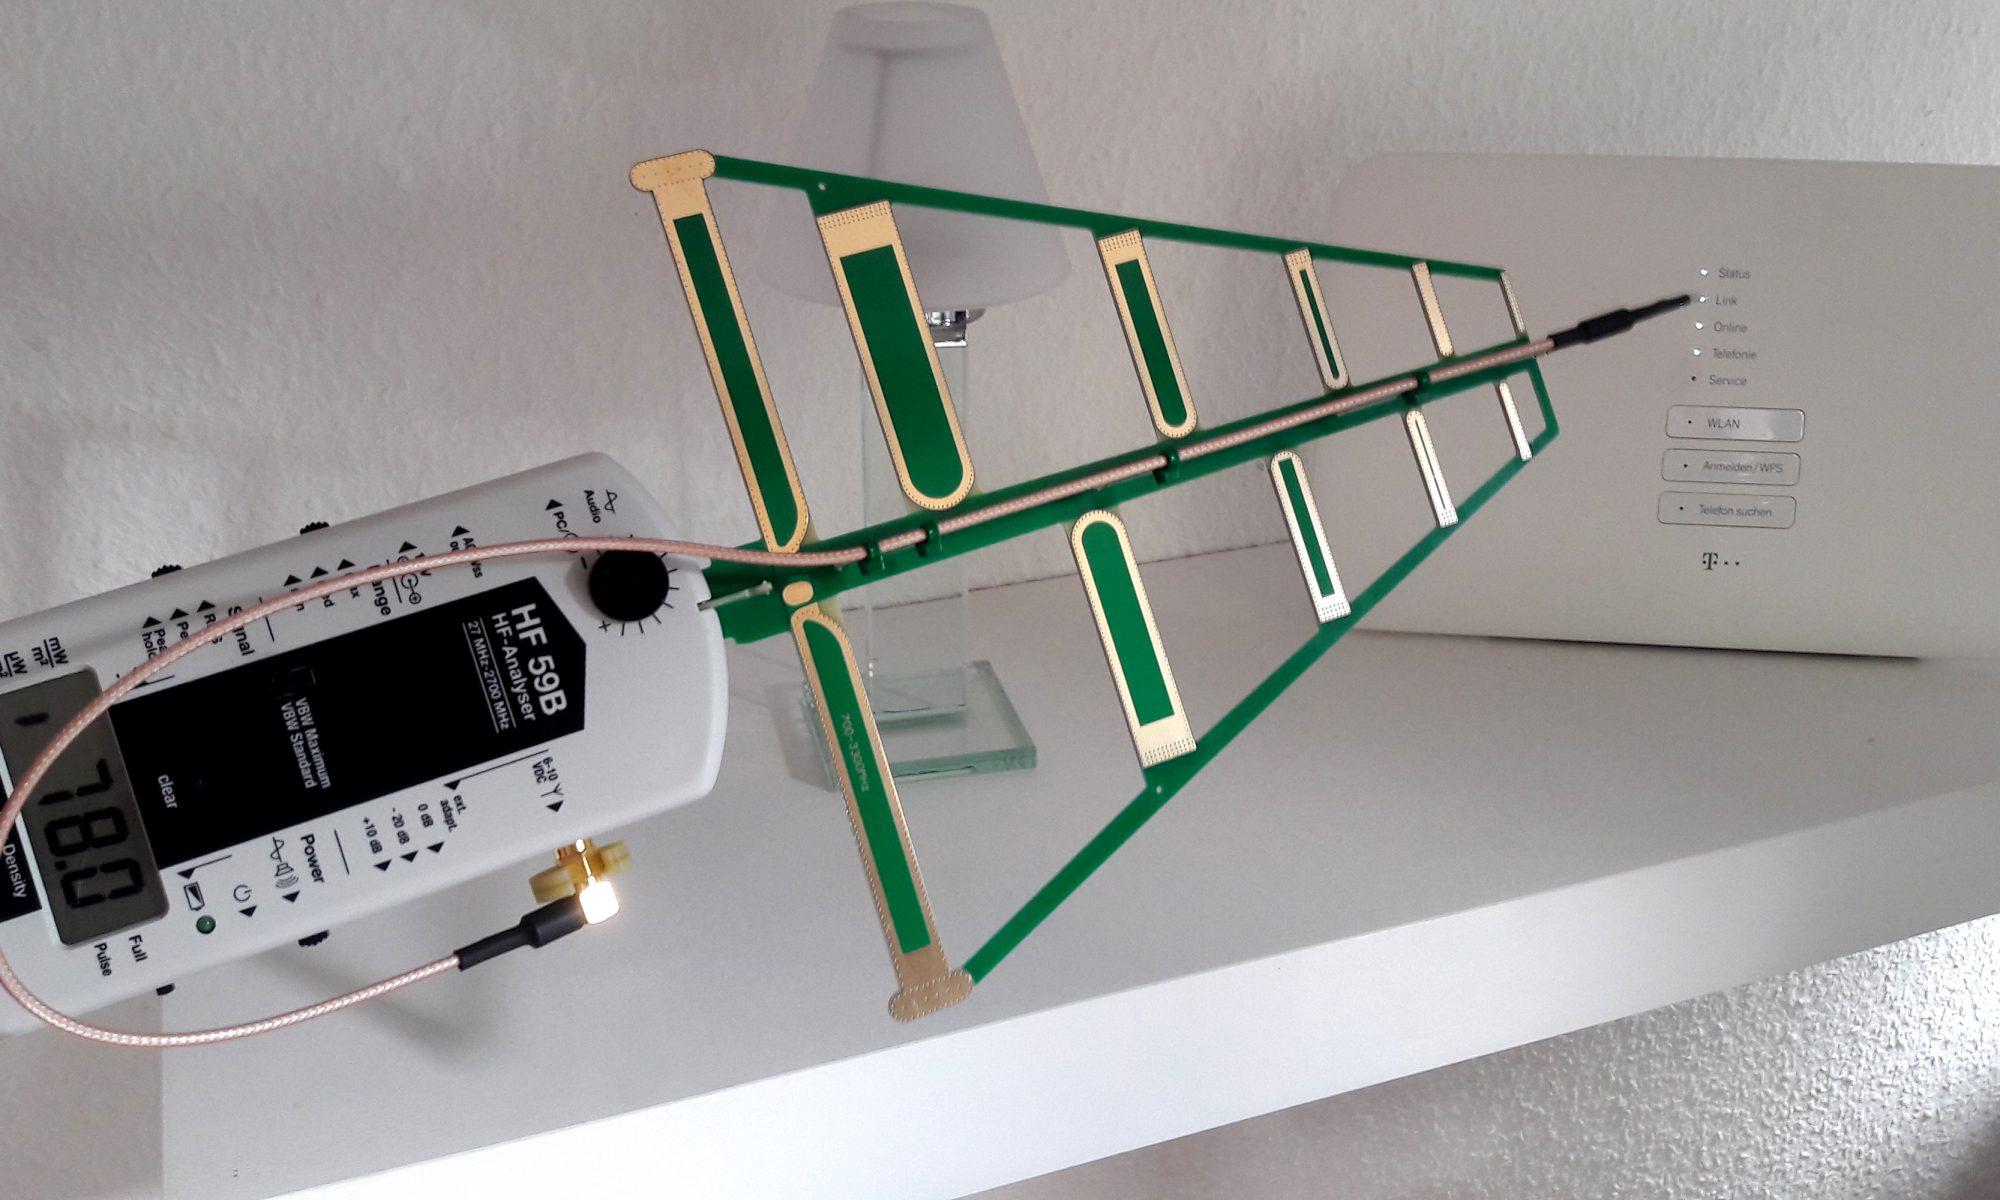 Unsere Messgeräte entsprechen den hohen Standards der Baubiologischen Messtechnik.